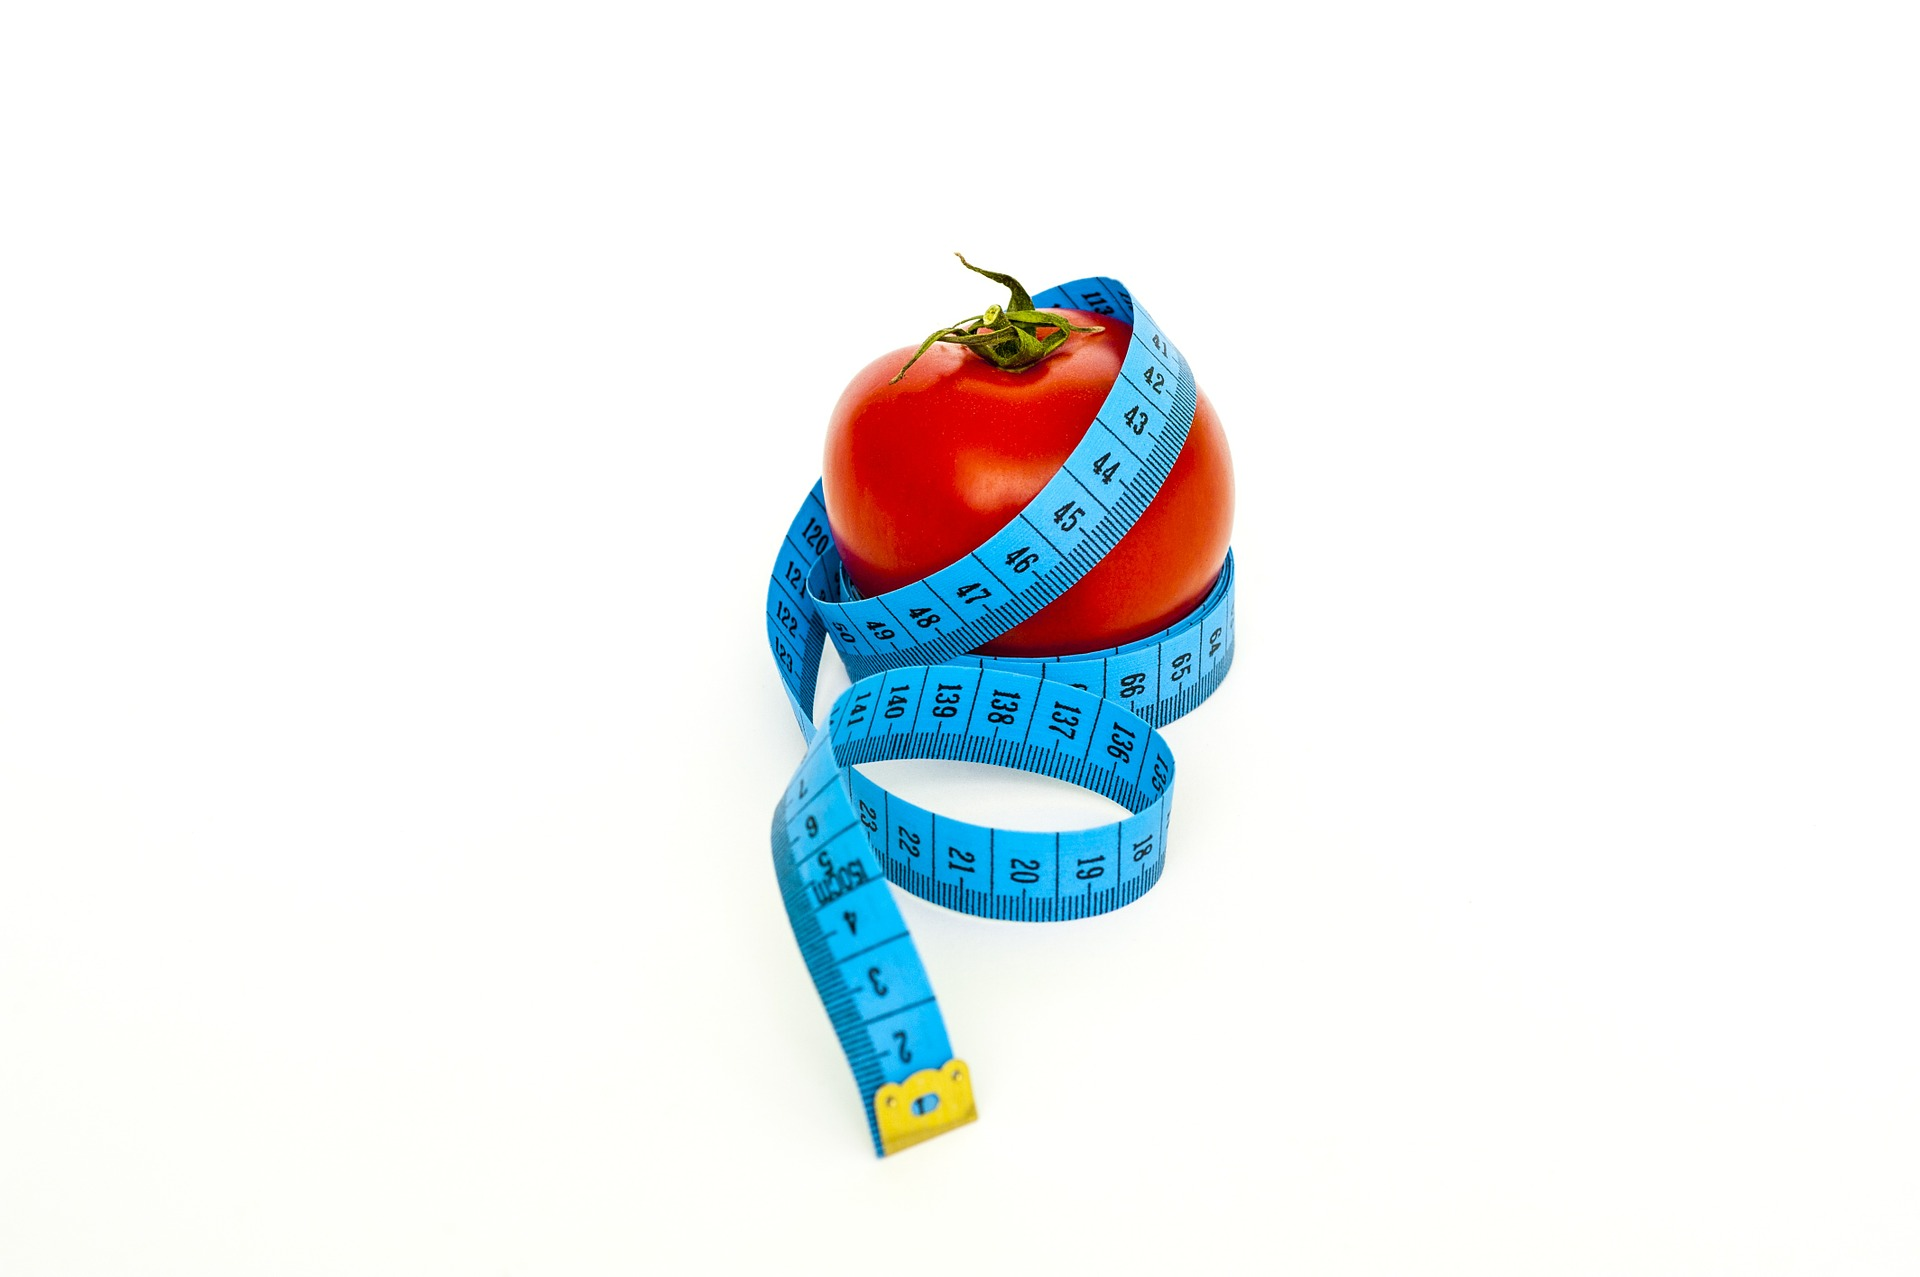 bare de constructor de clif pentru pierderea în greutate povești de pierdere în greutate kerala